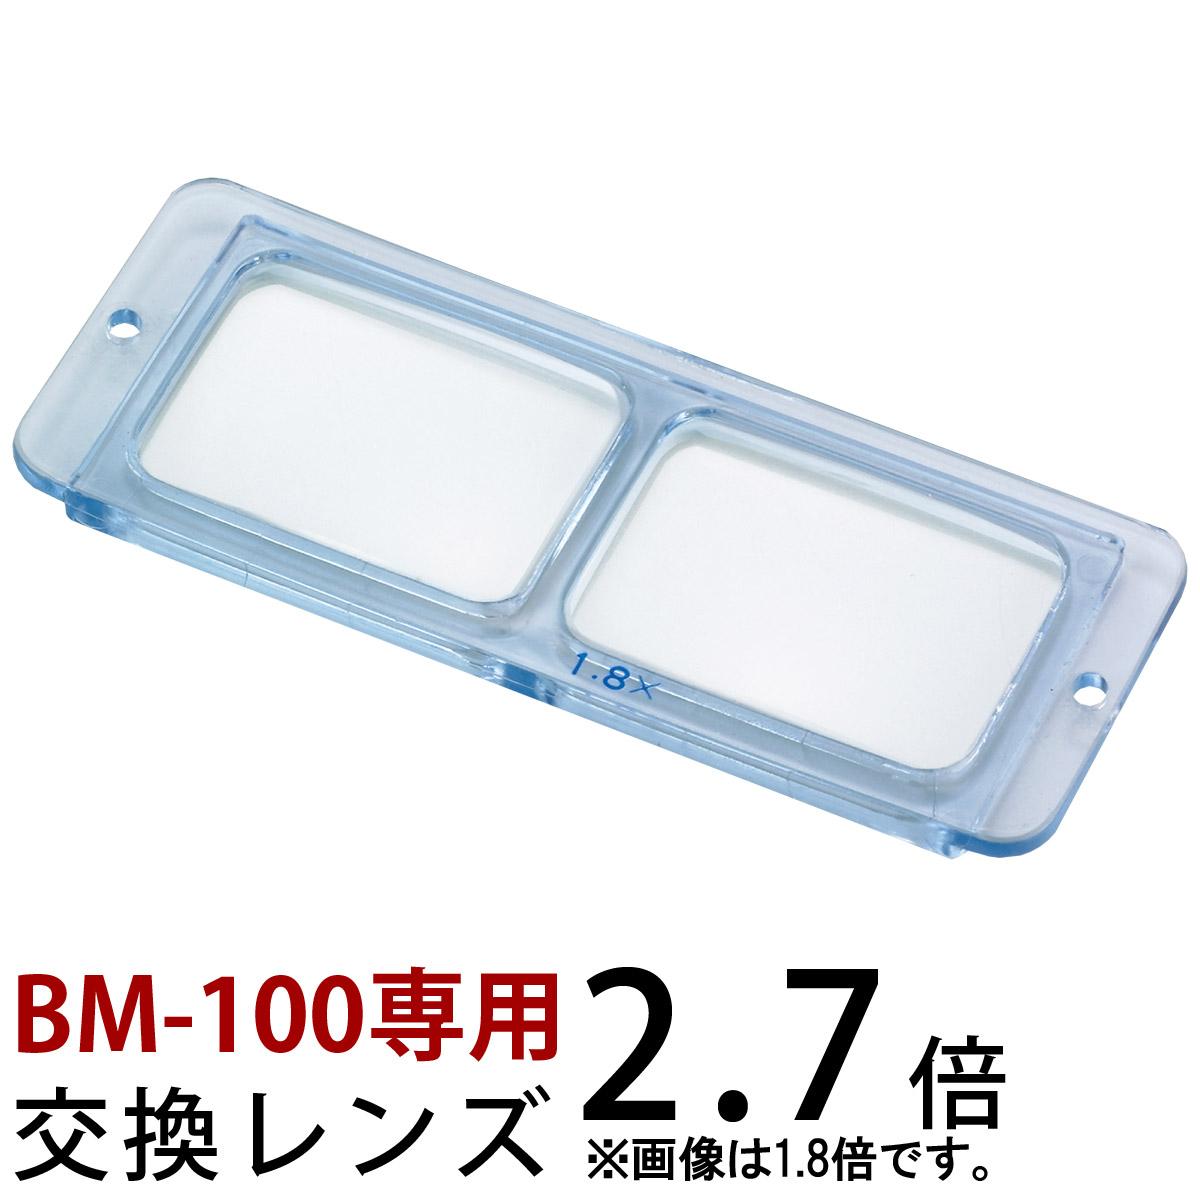 双眼ヘッドルーペ BM-100 専用 交換レンズ 2.7倍